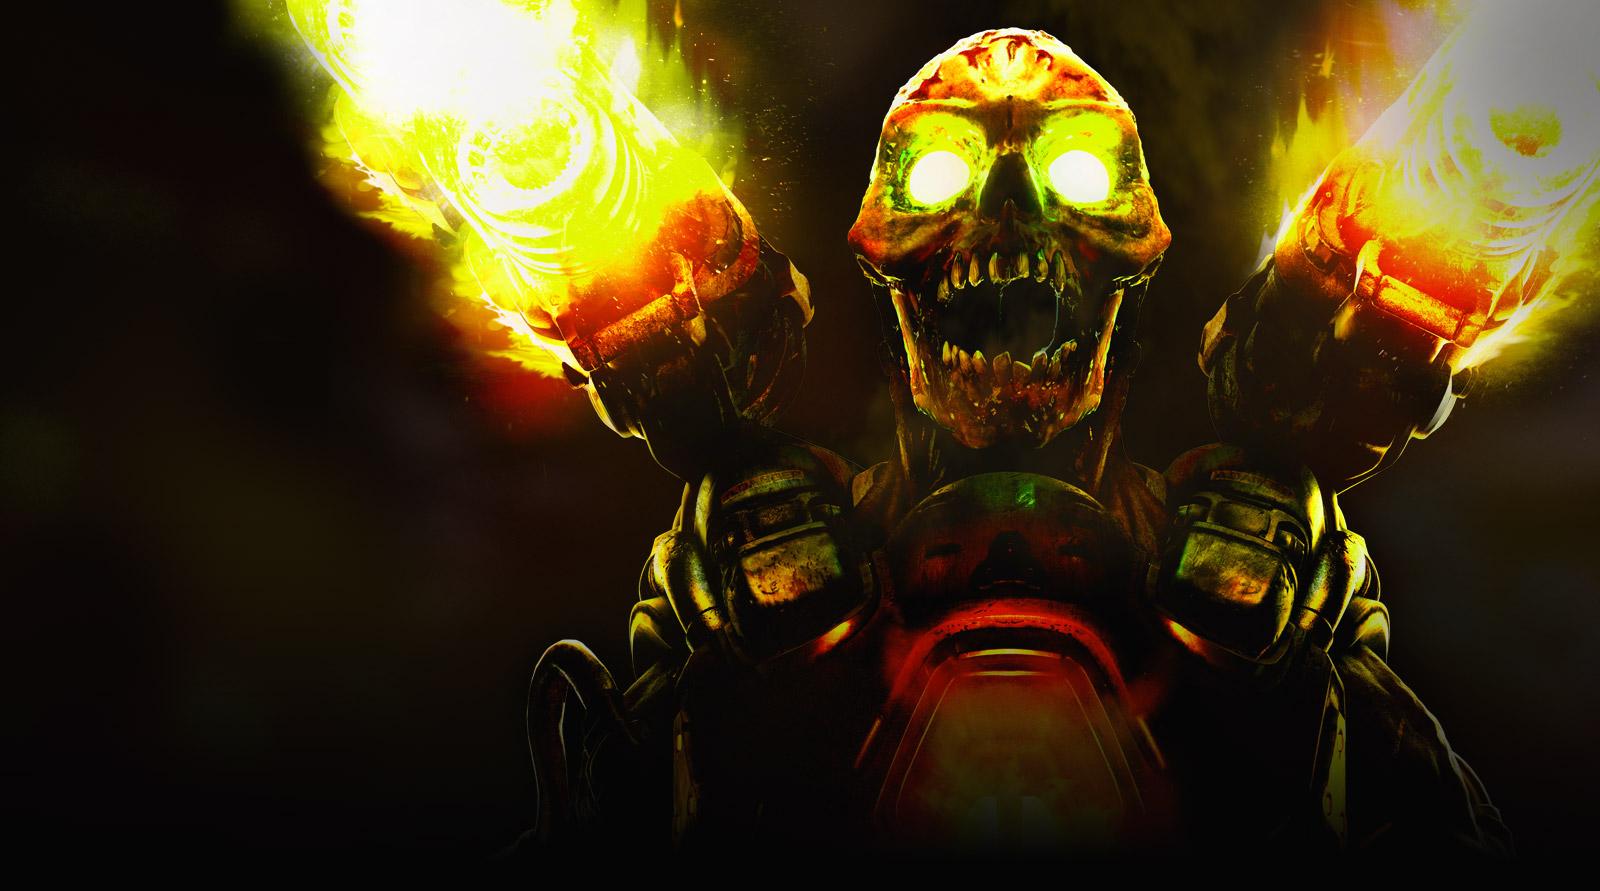 Арт к игре DOOM 2016